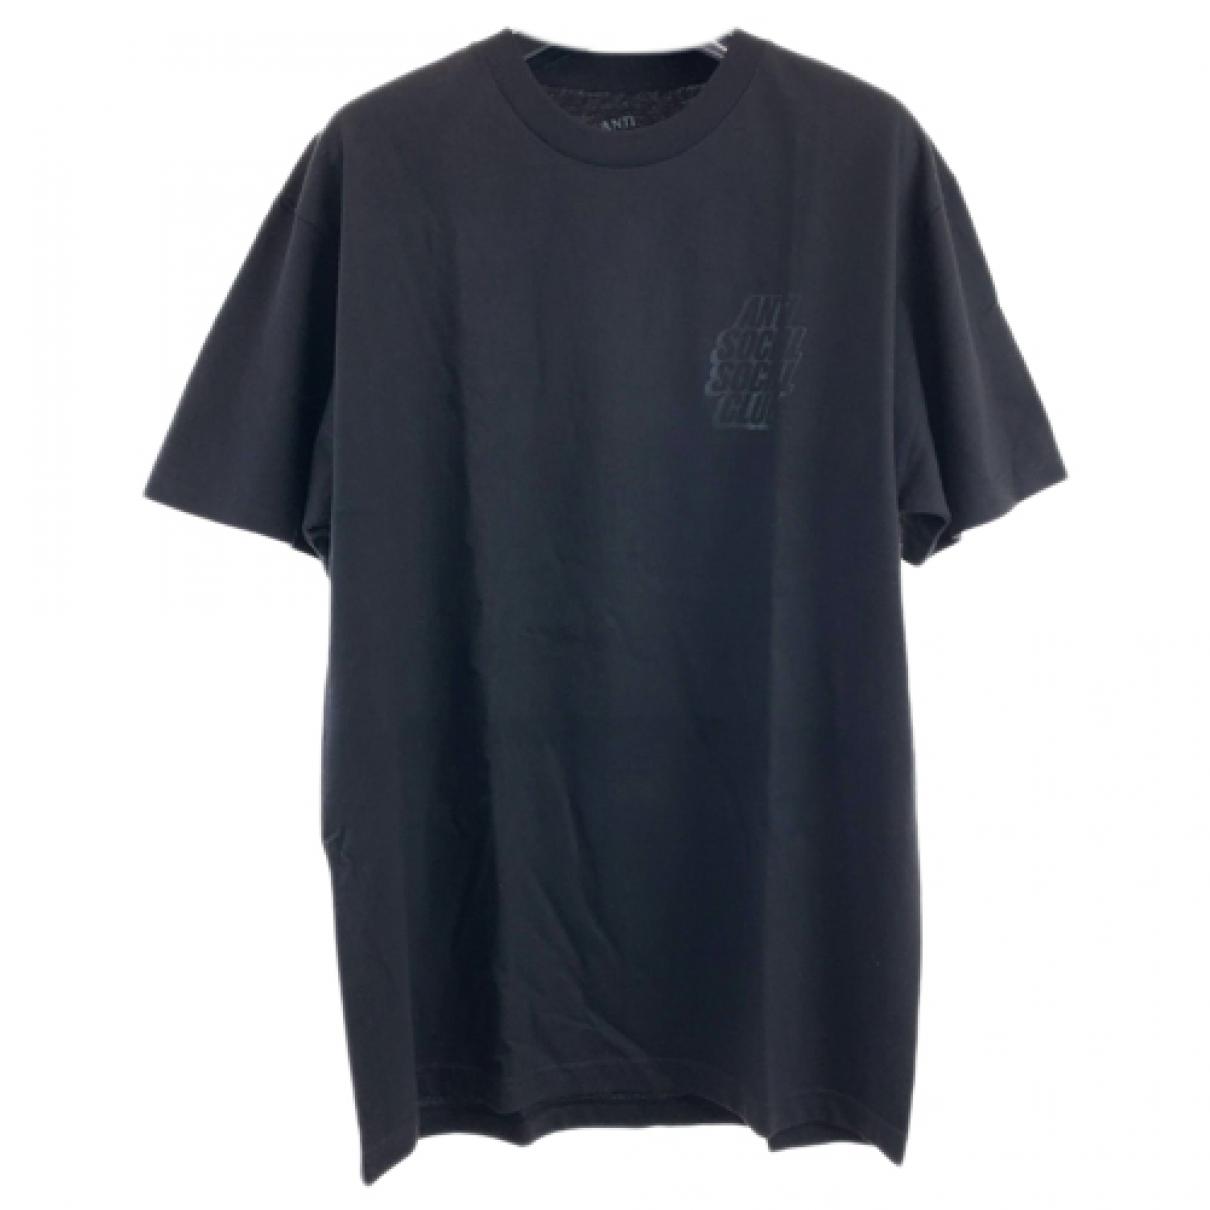 Anti Social Social Club black T-Shirts